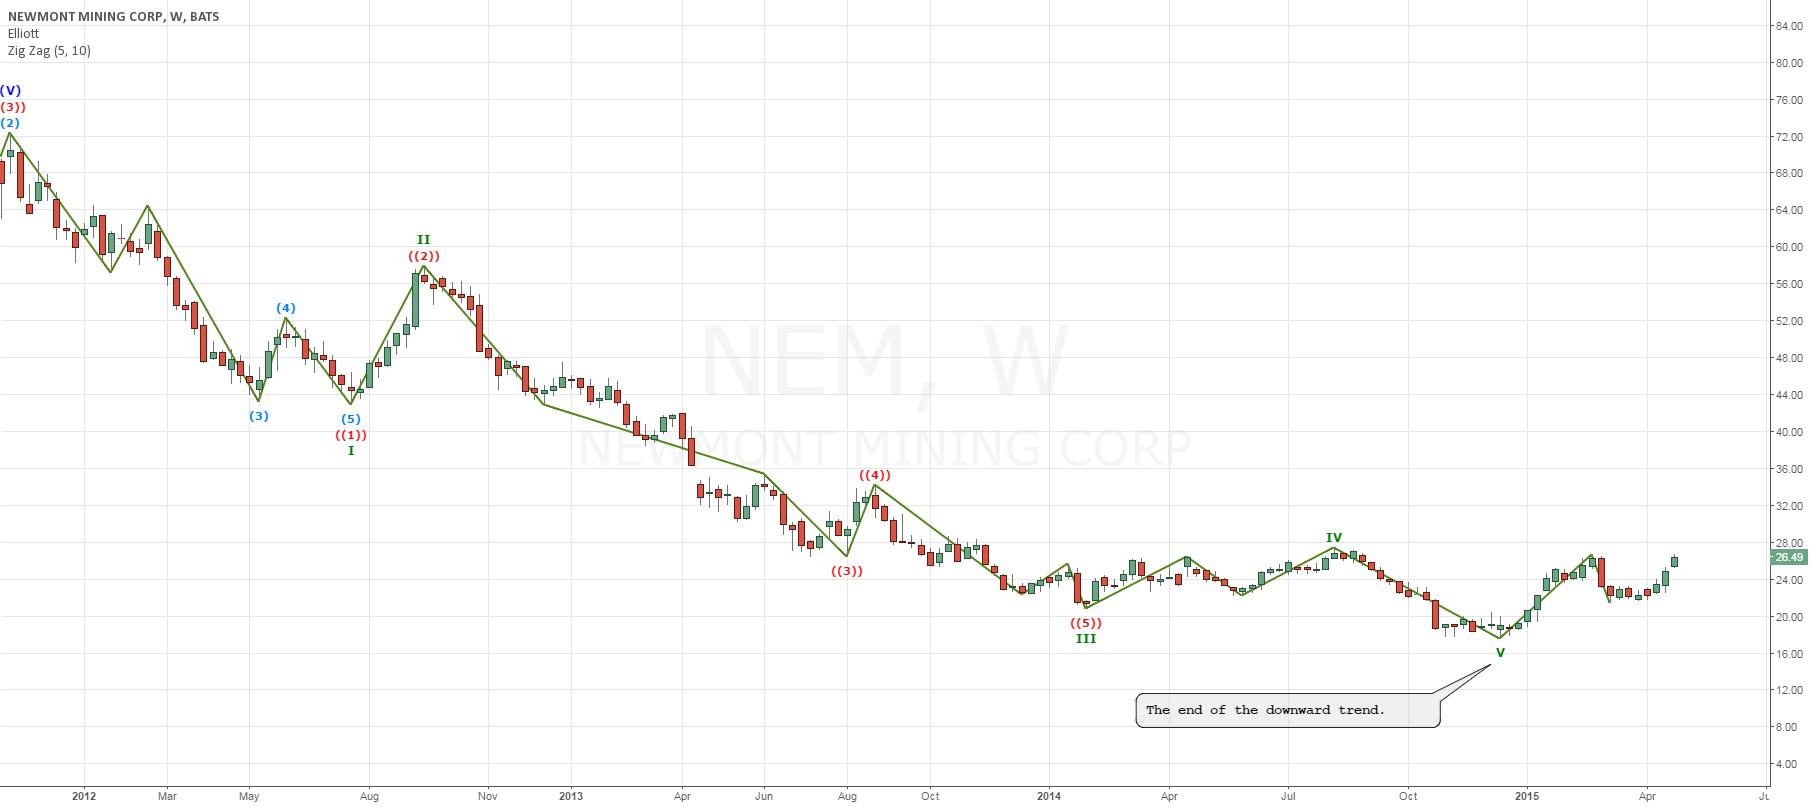 Automatic markup of Elliott waves  for NYSE:NEM by bigrediska